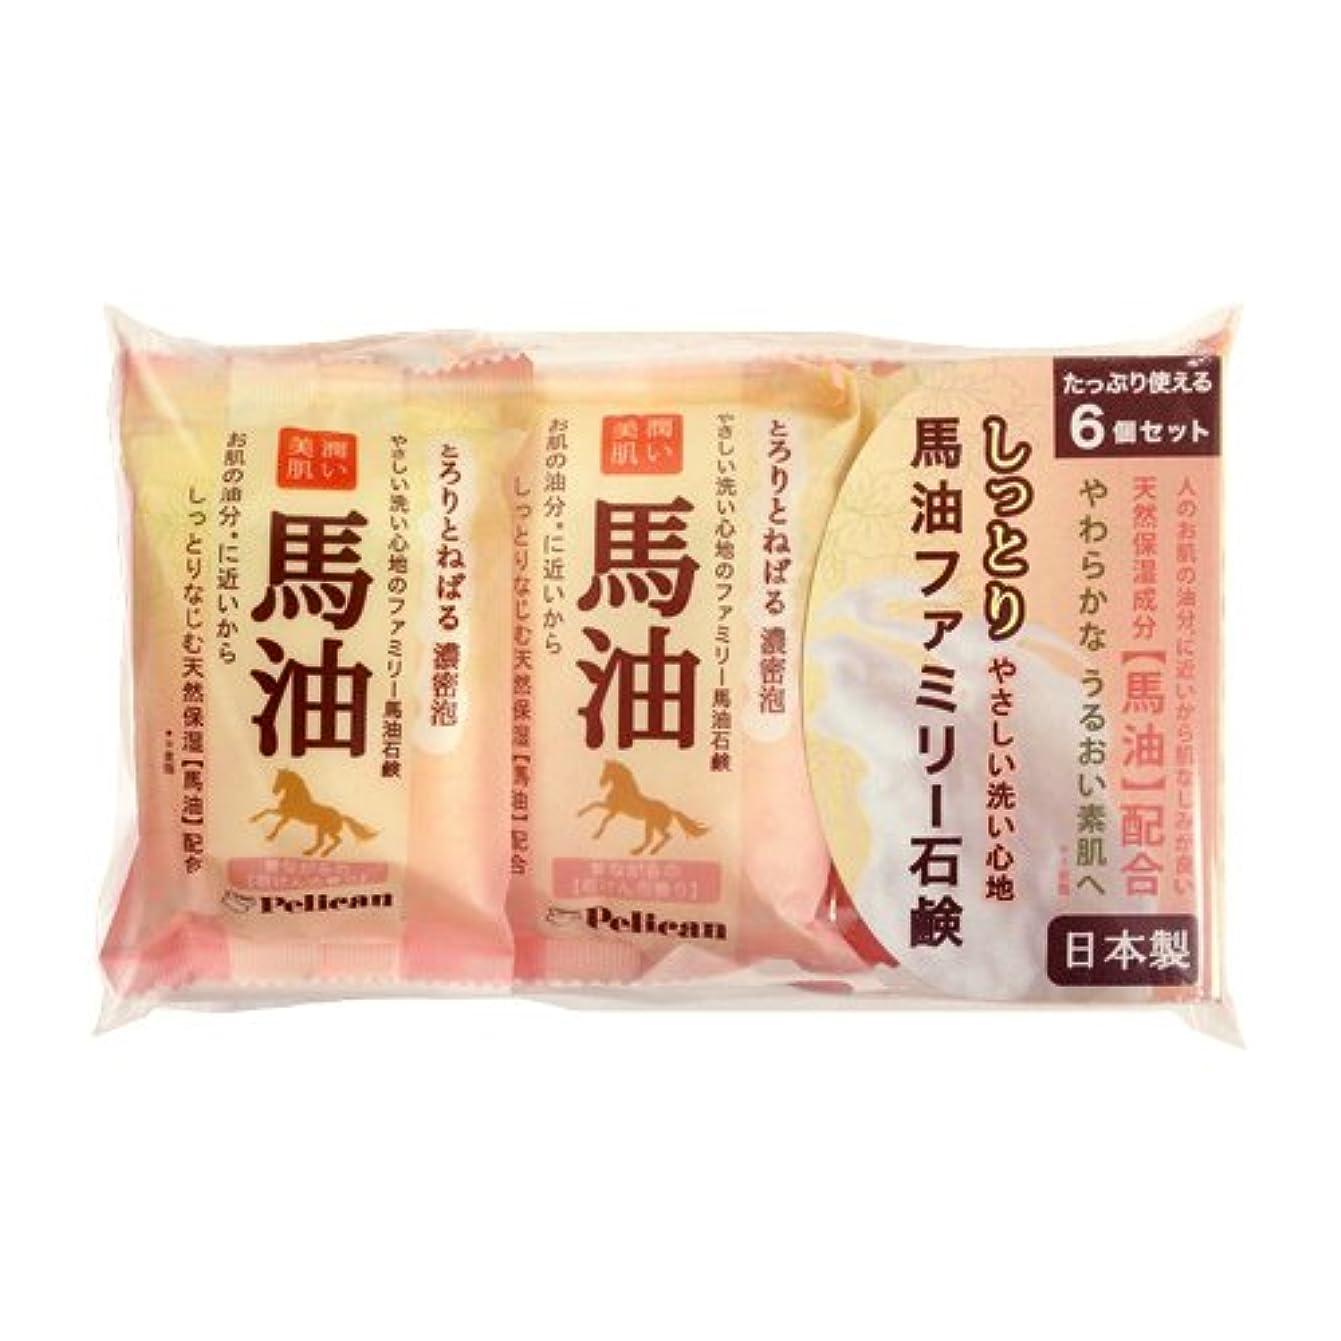 イディオムキャリッジ韓国ペリカン石鹸 ファミリー馬油石けん 80g×6個